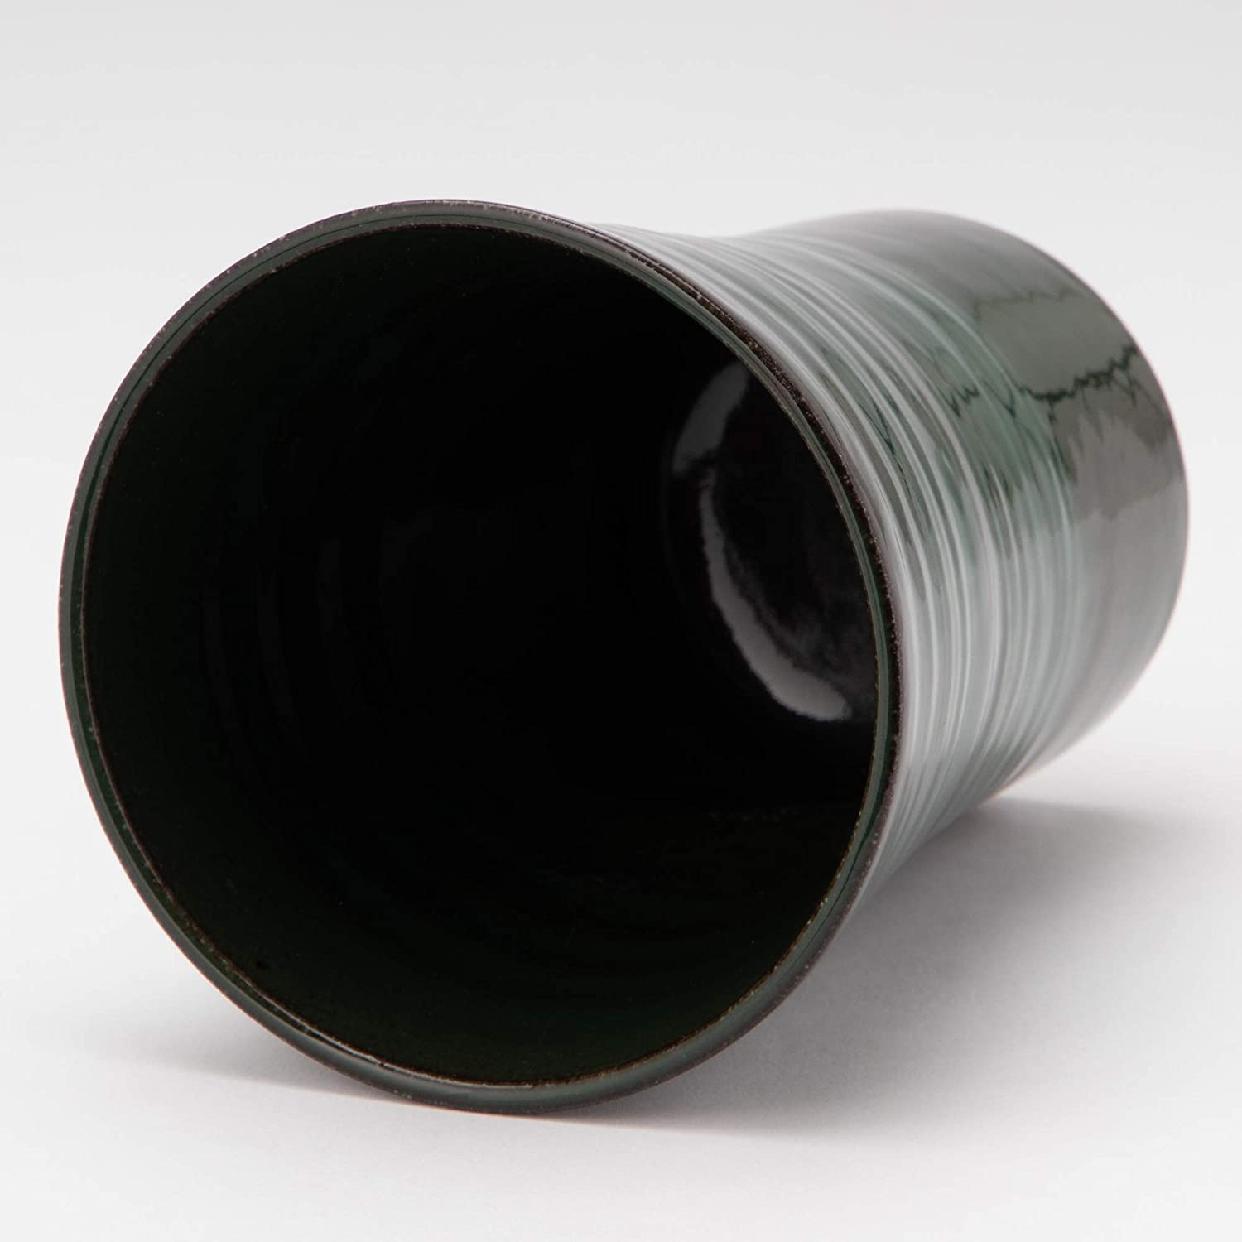 MINO CRAFT.(みのうくらふと)持ち易い焼酎カップ エメラルド K51148の商品画像5